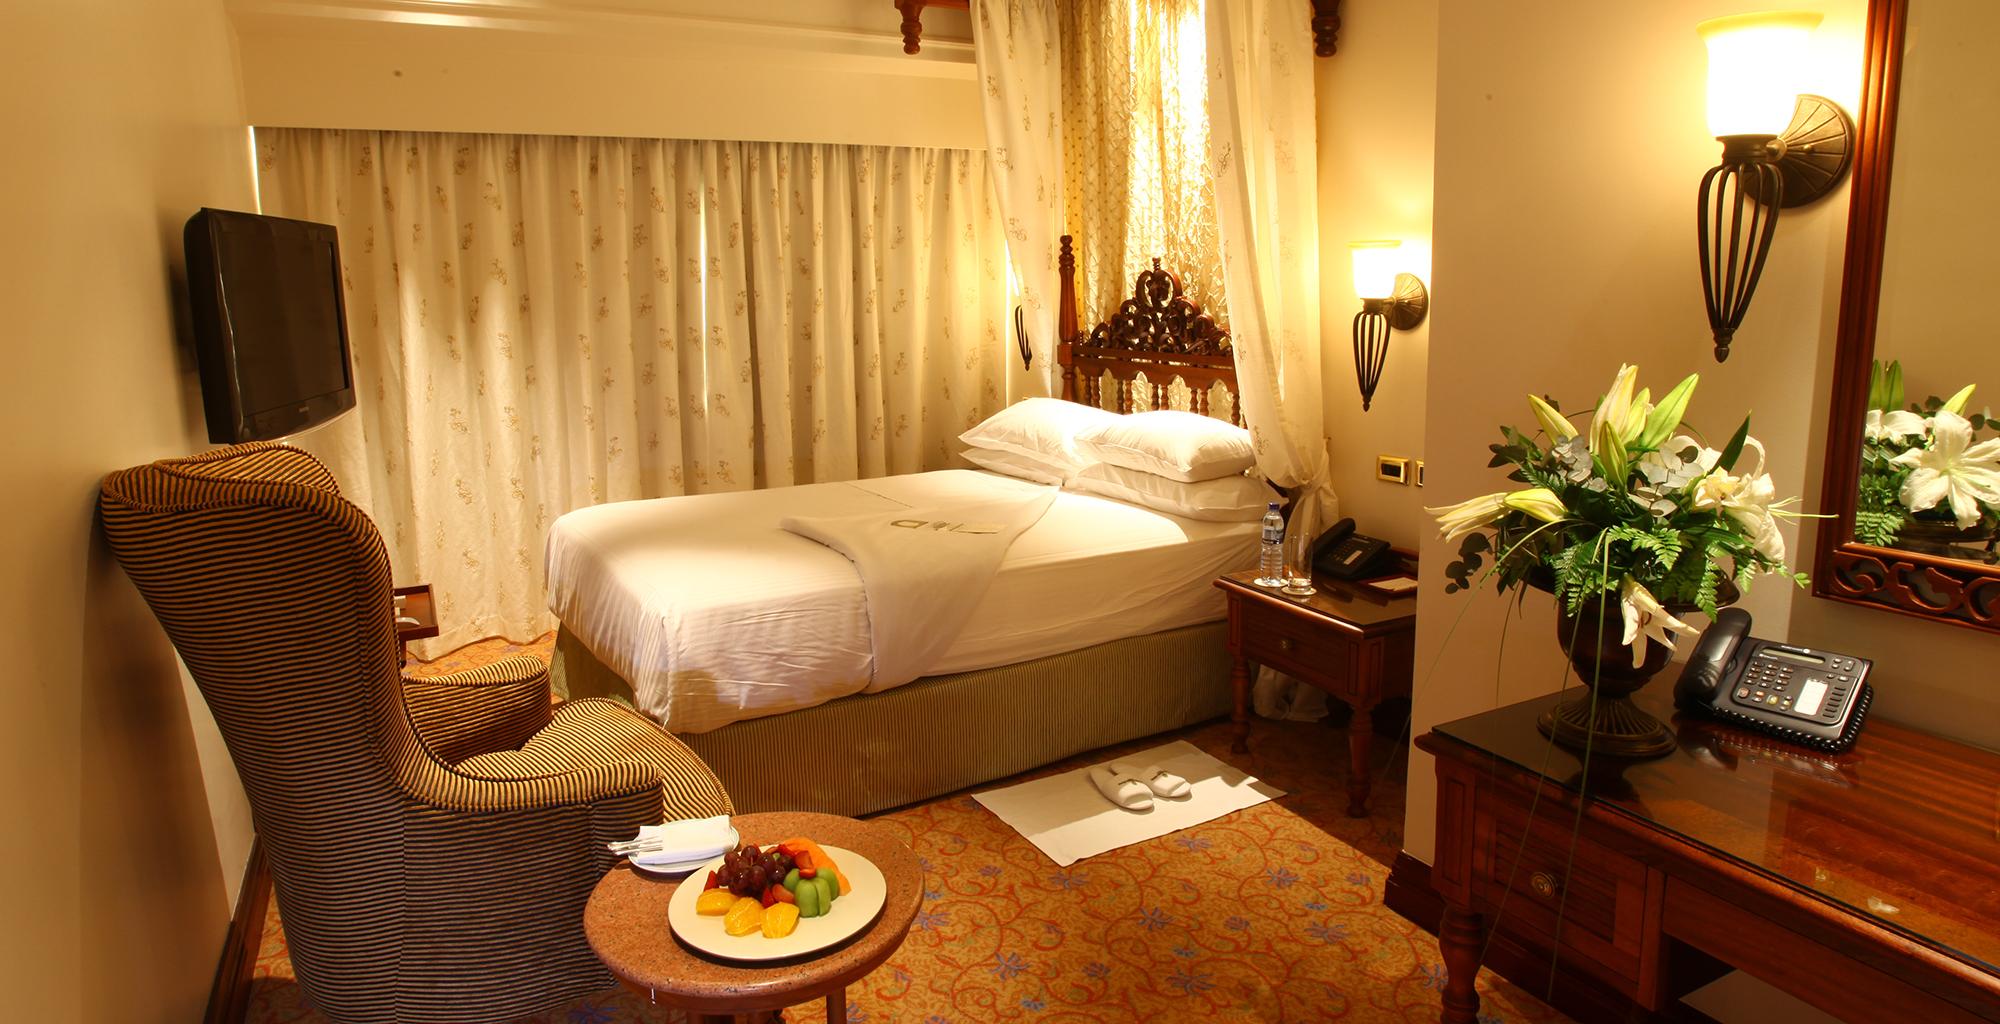 Mozambique-Maputo-Inhambane-Polona-Serena-Hotel-Bedroom